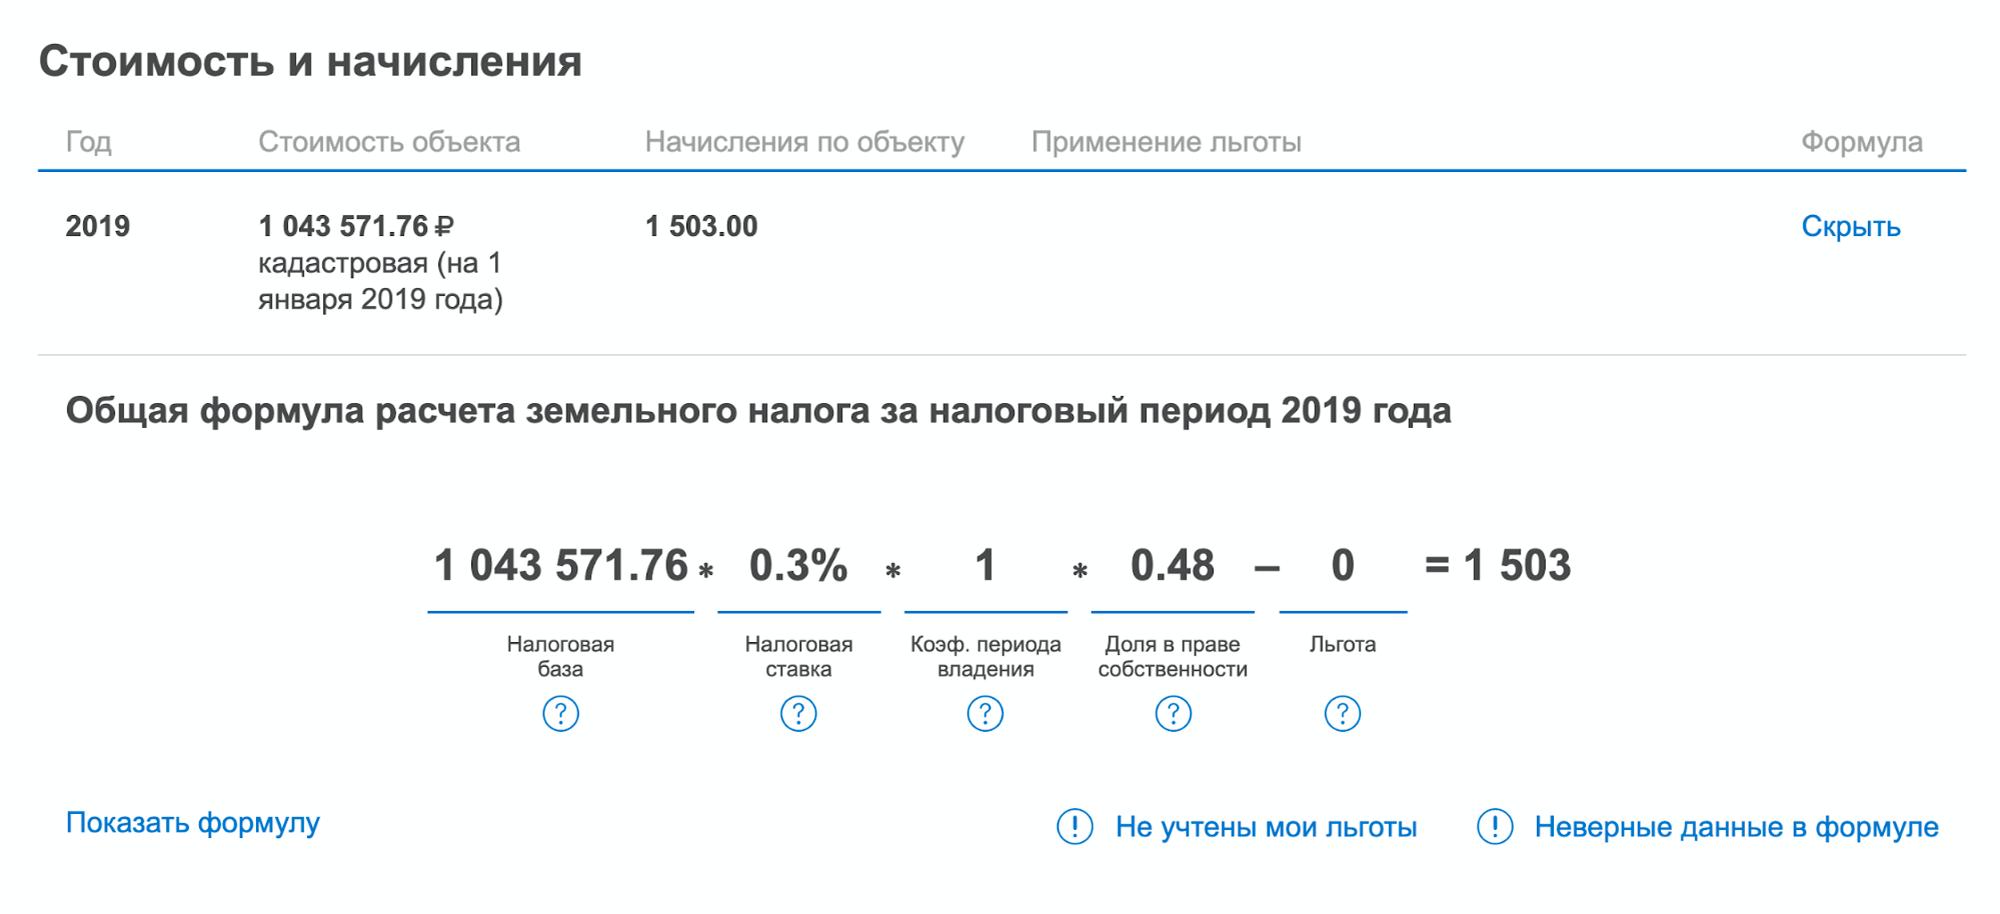 Применение льгот можно проверить в формуле расчета налога по каждому объекту. Чтобы увидеть реальные данные, нажмите «Подставить мои значения». Если льгота не учтена, можно сразу оформить заявление